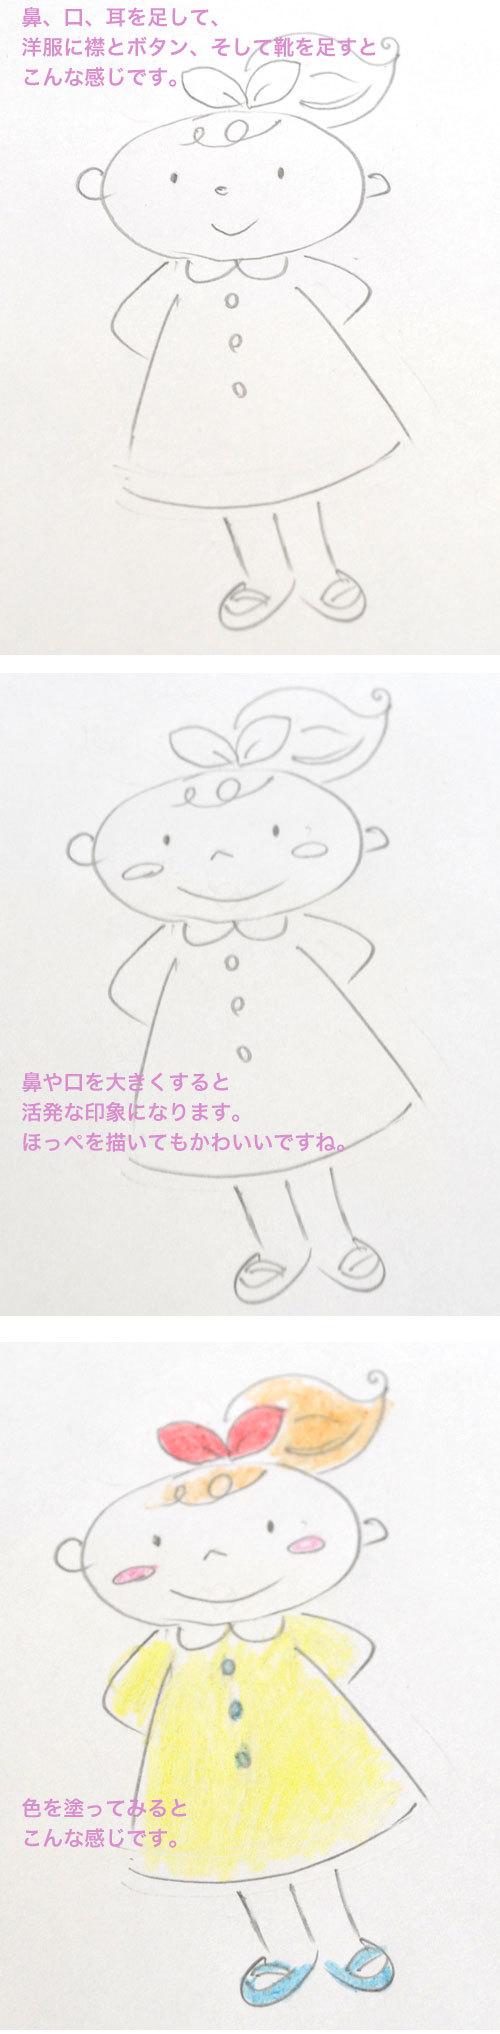 ラフなお絵描き講座(女の子を描いてみましょう!)_d0225198_11501001.jpg